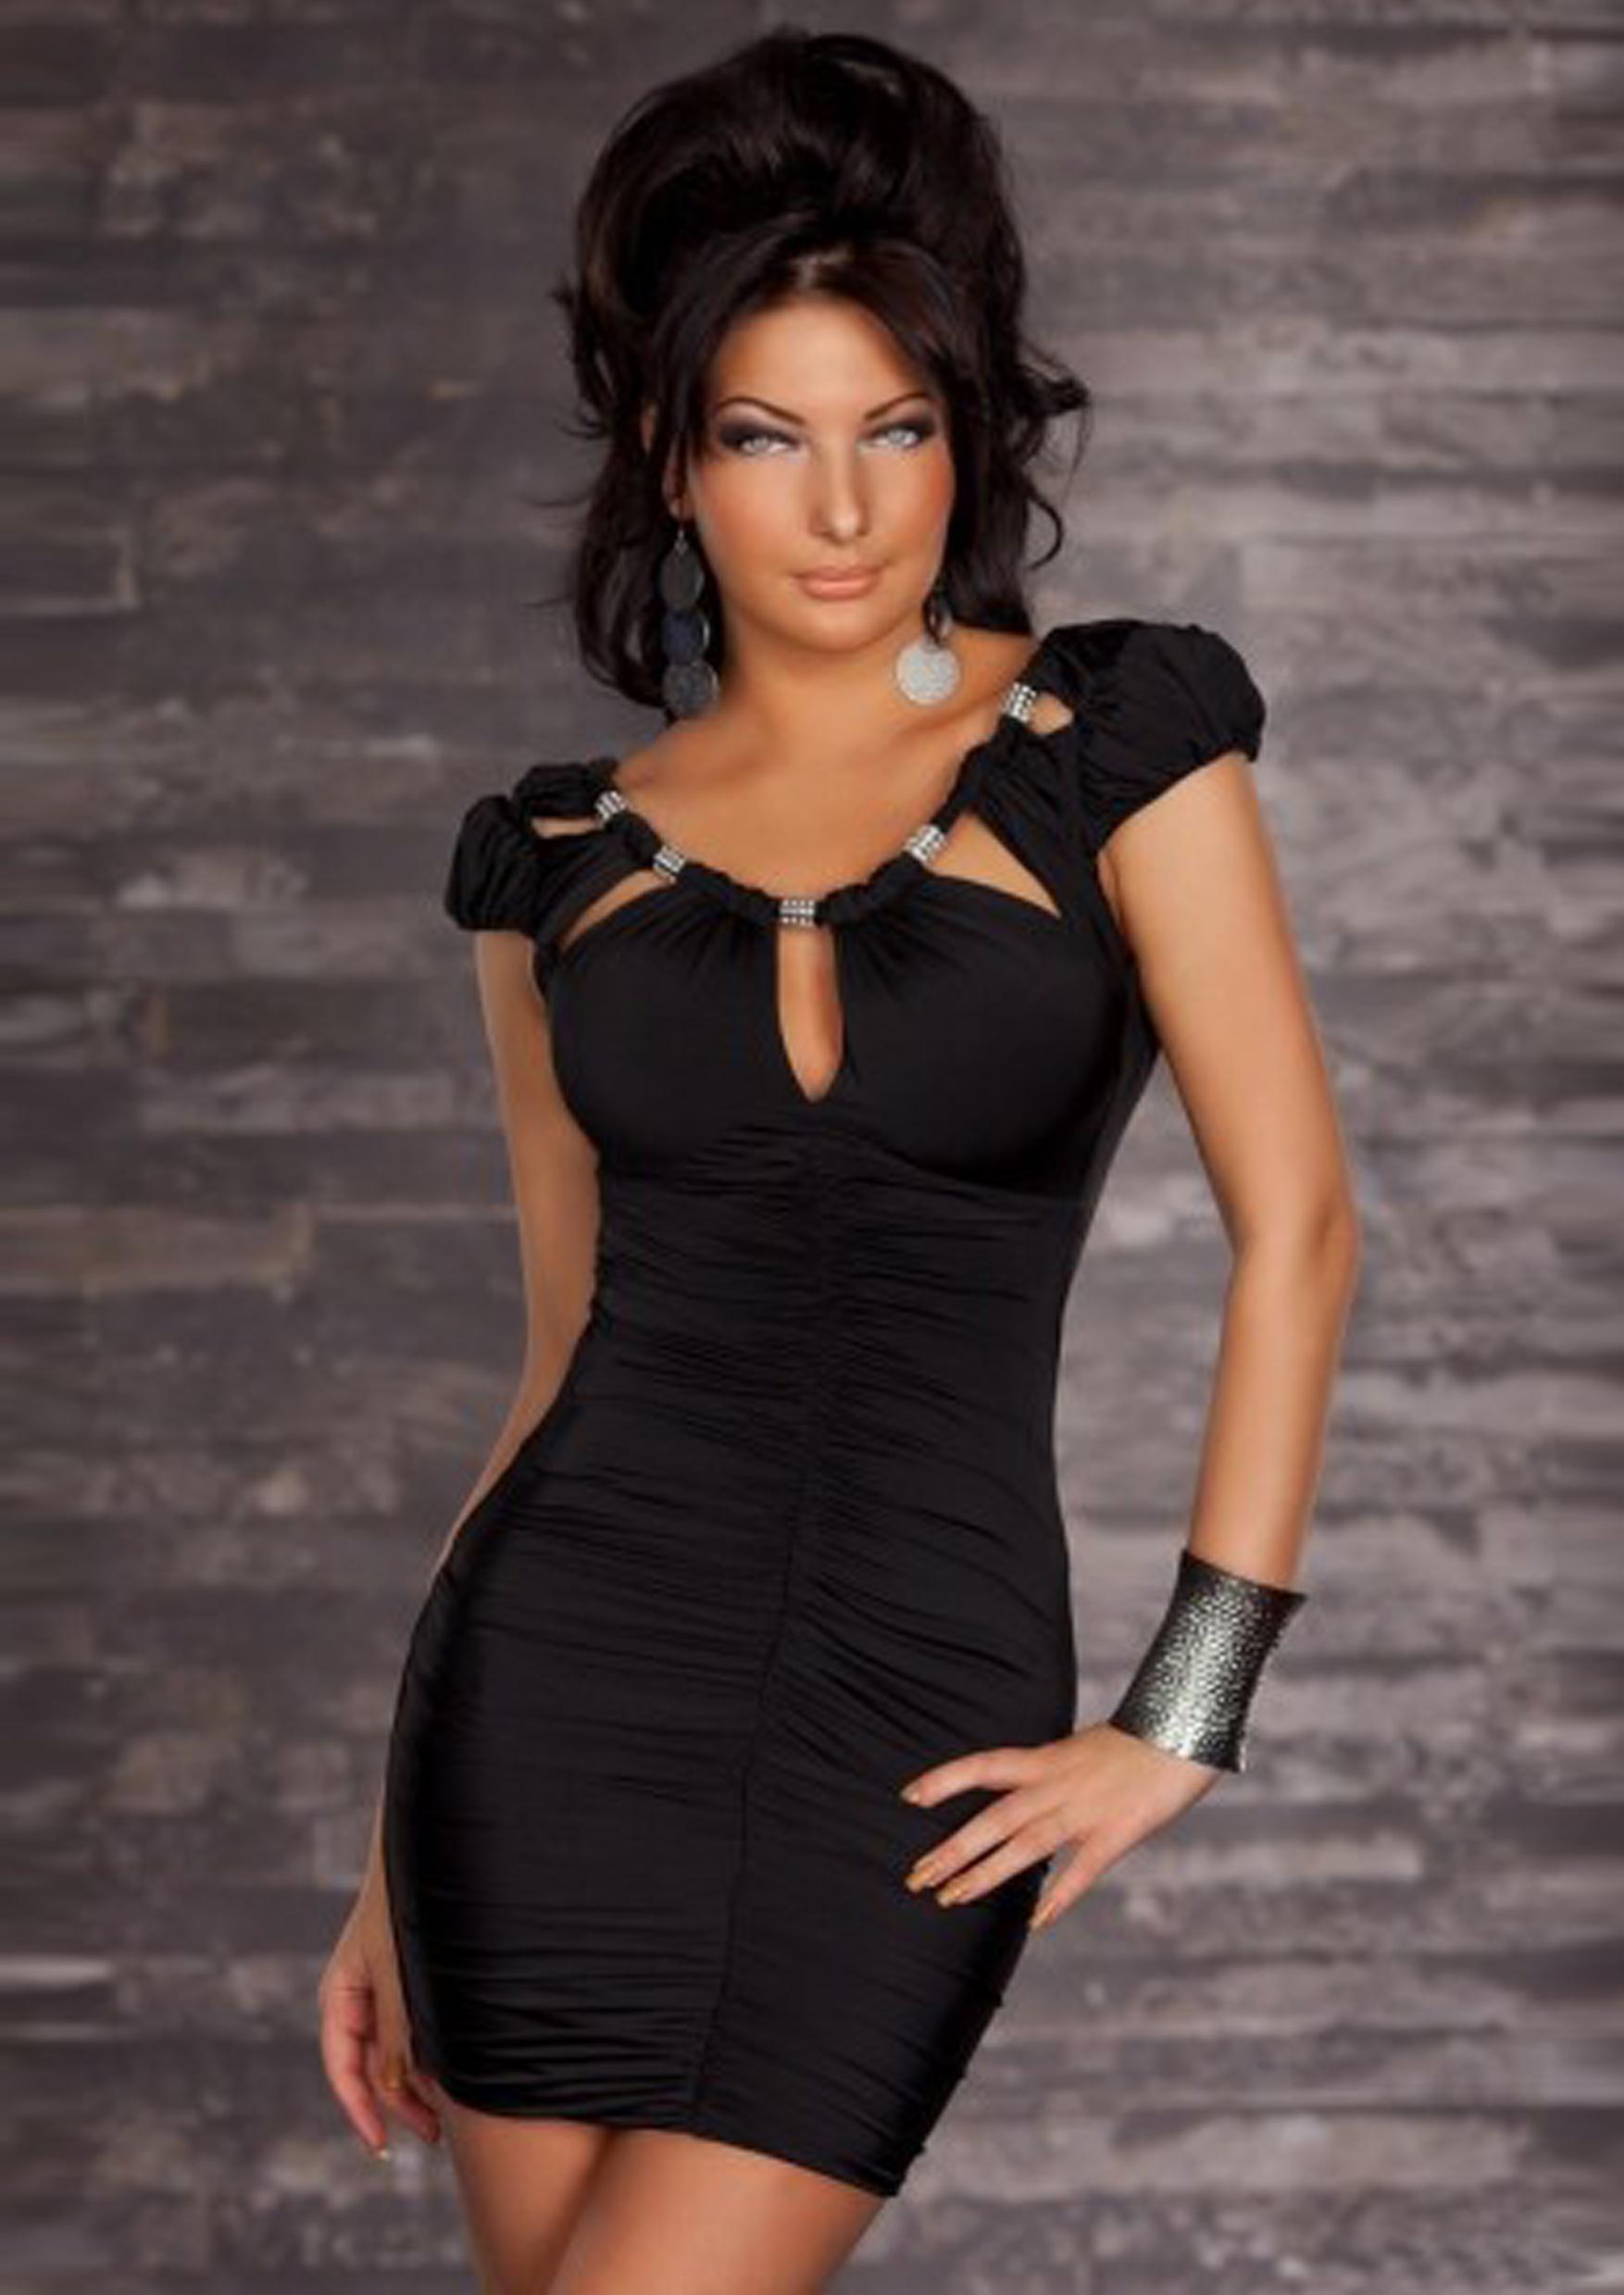 Сексуальное фото в черном платье 12 фотография